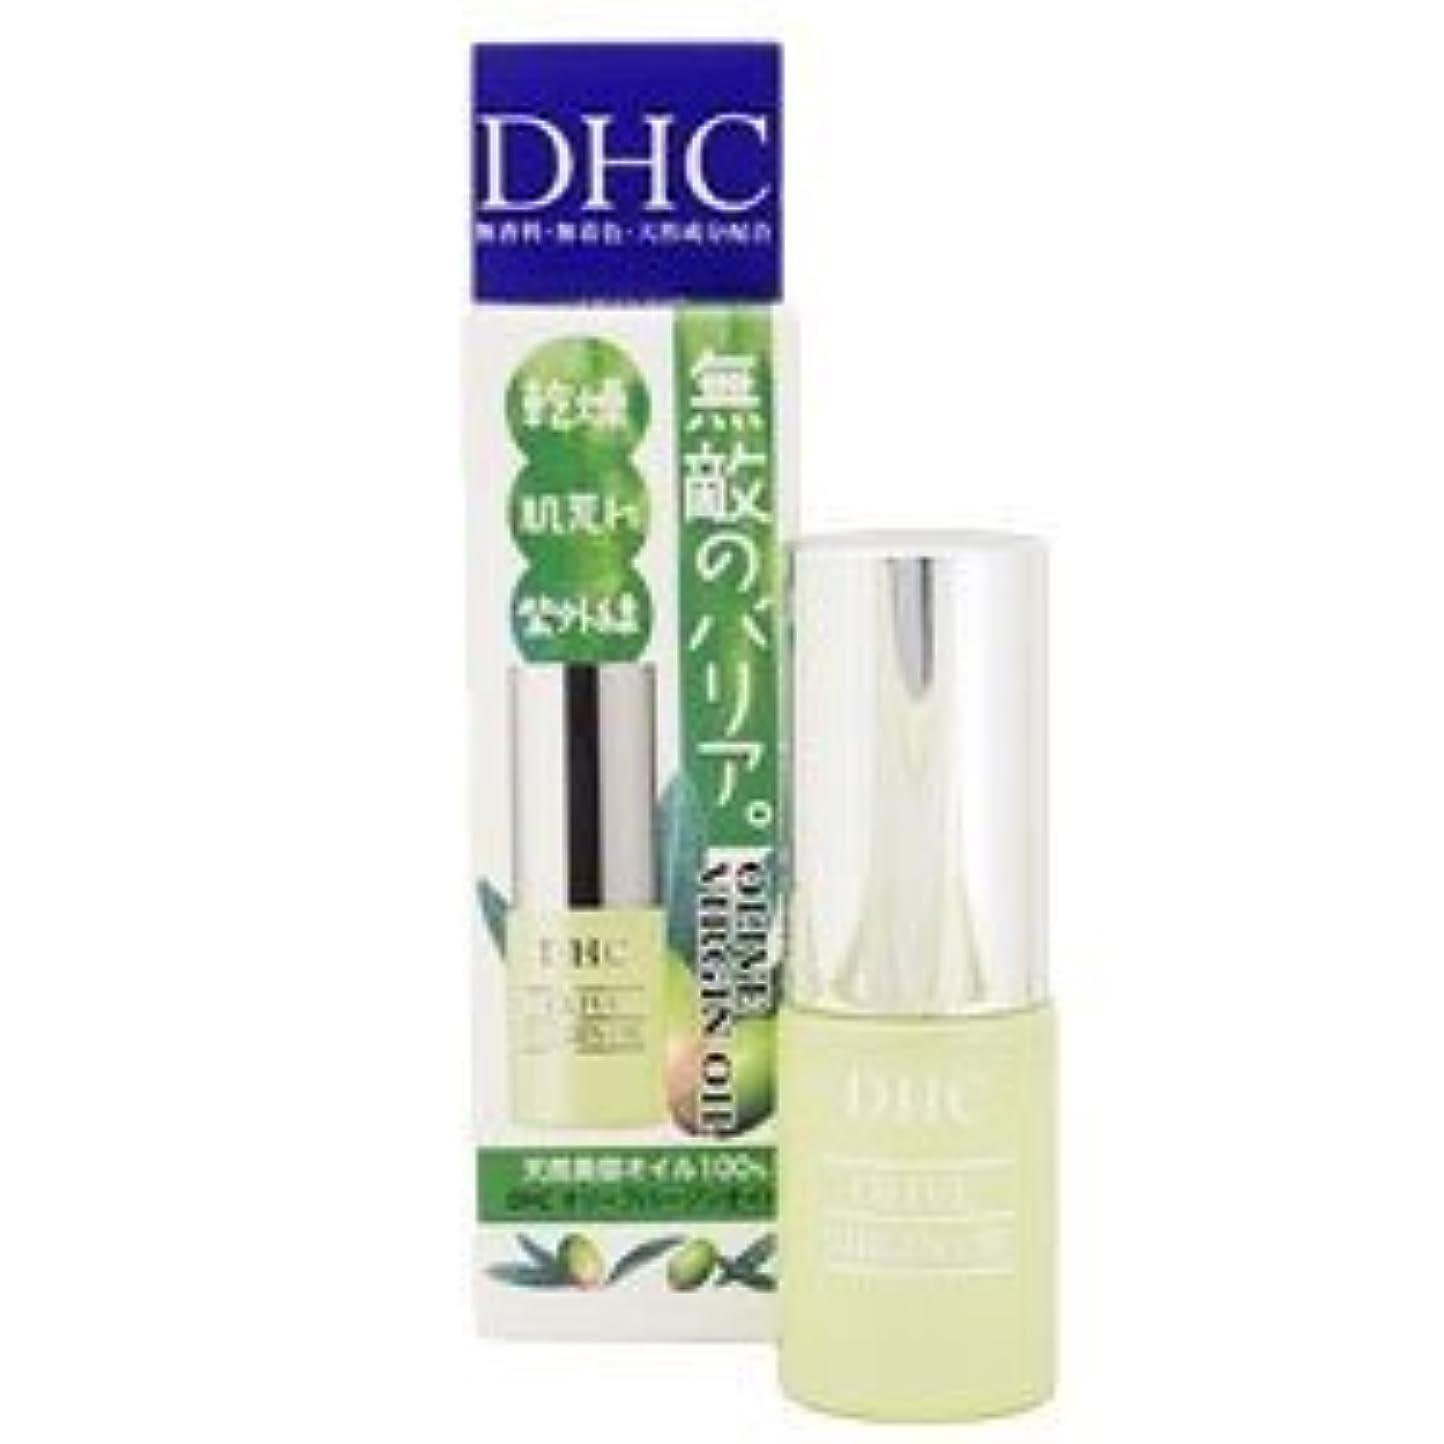 ソーシャル薬用作動する【DHC】DHC オリーブバージンオイル(SS) 7ml ×20個セット